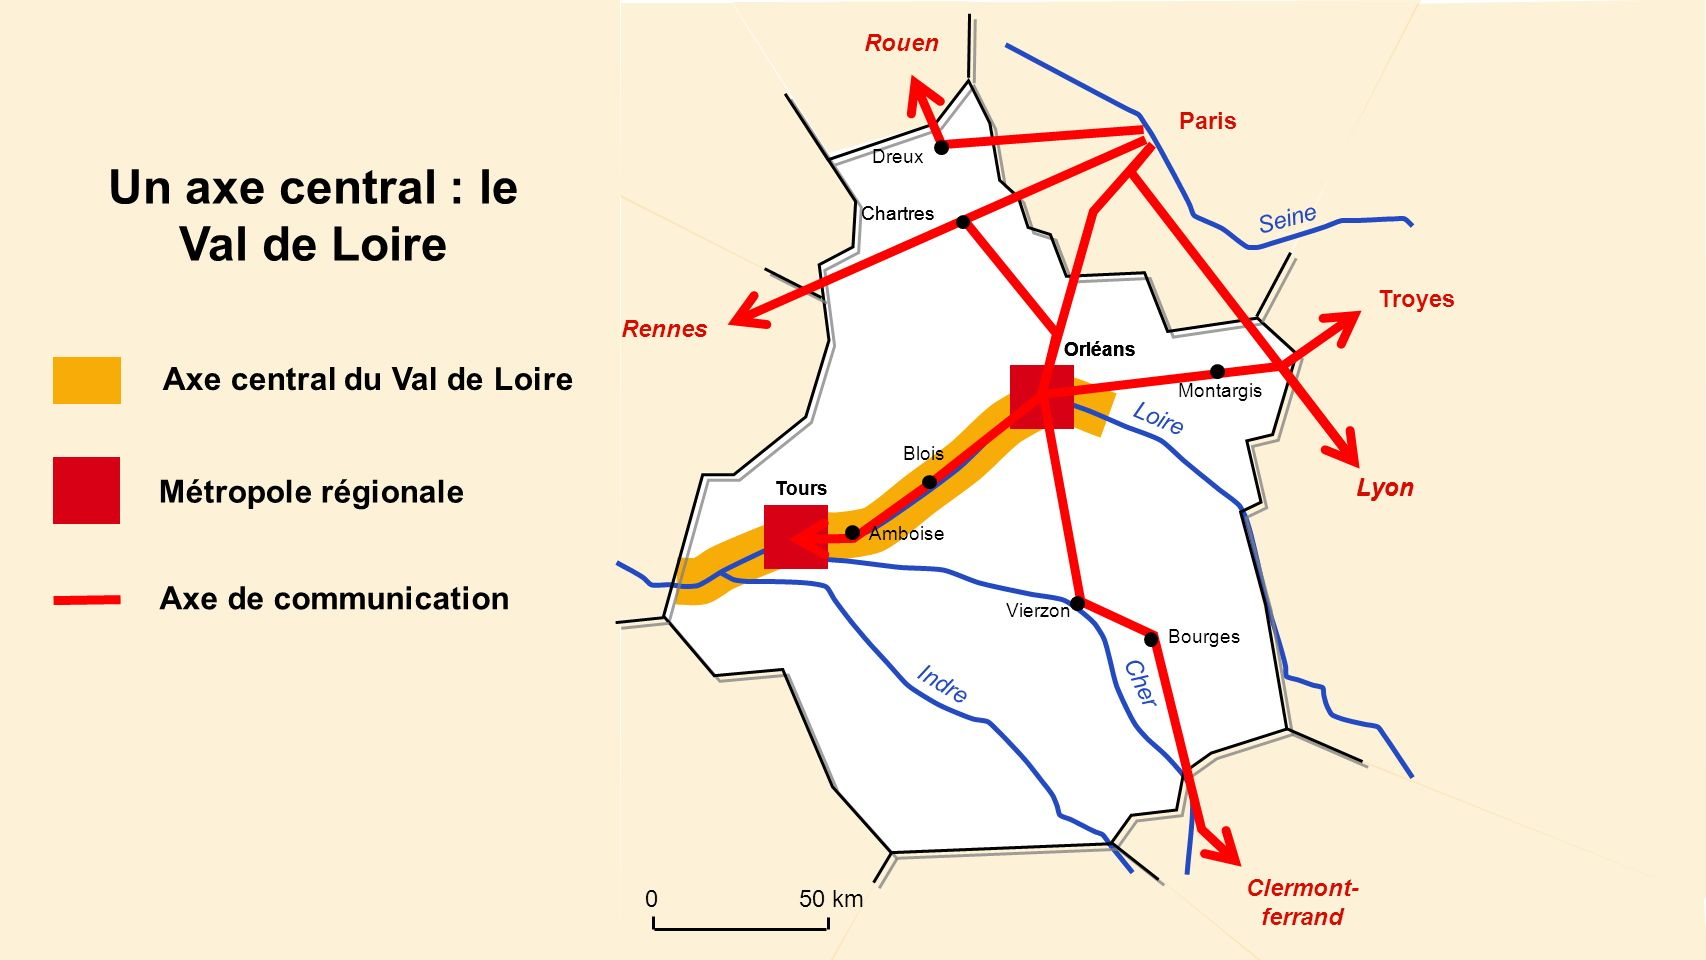 structure spatiale: Un axe central, le Val de Loire